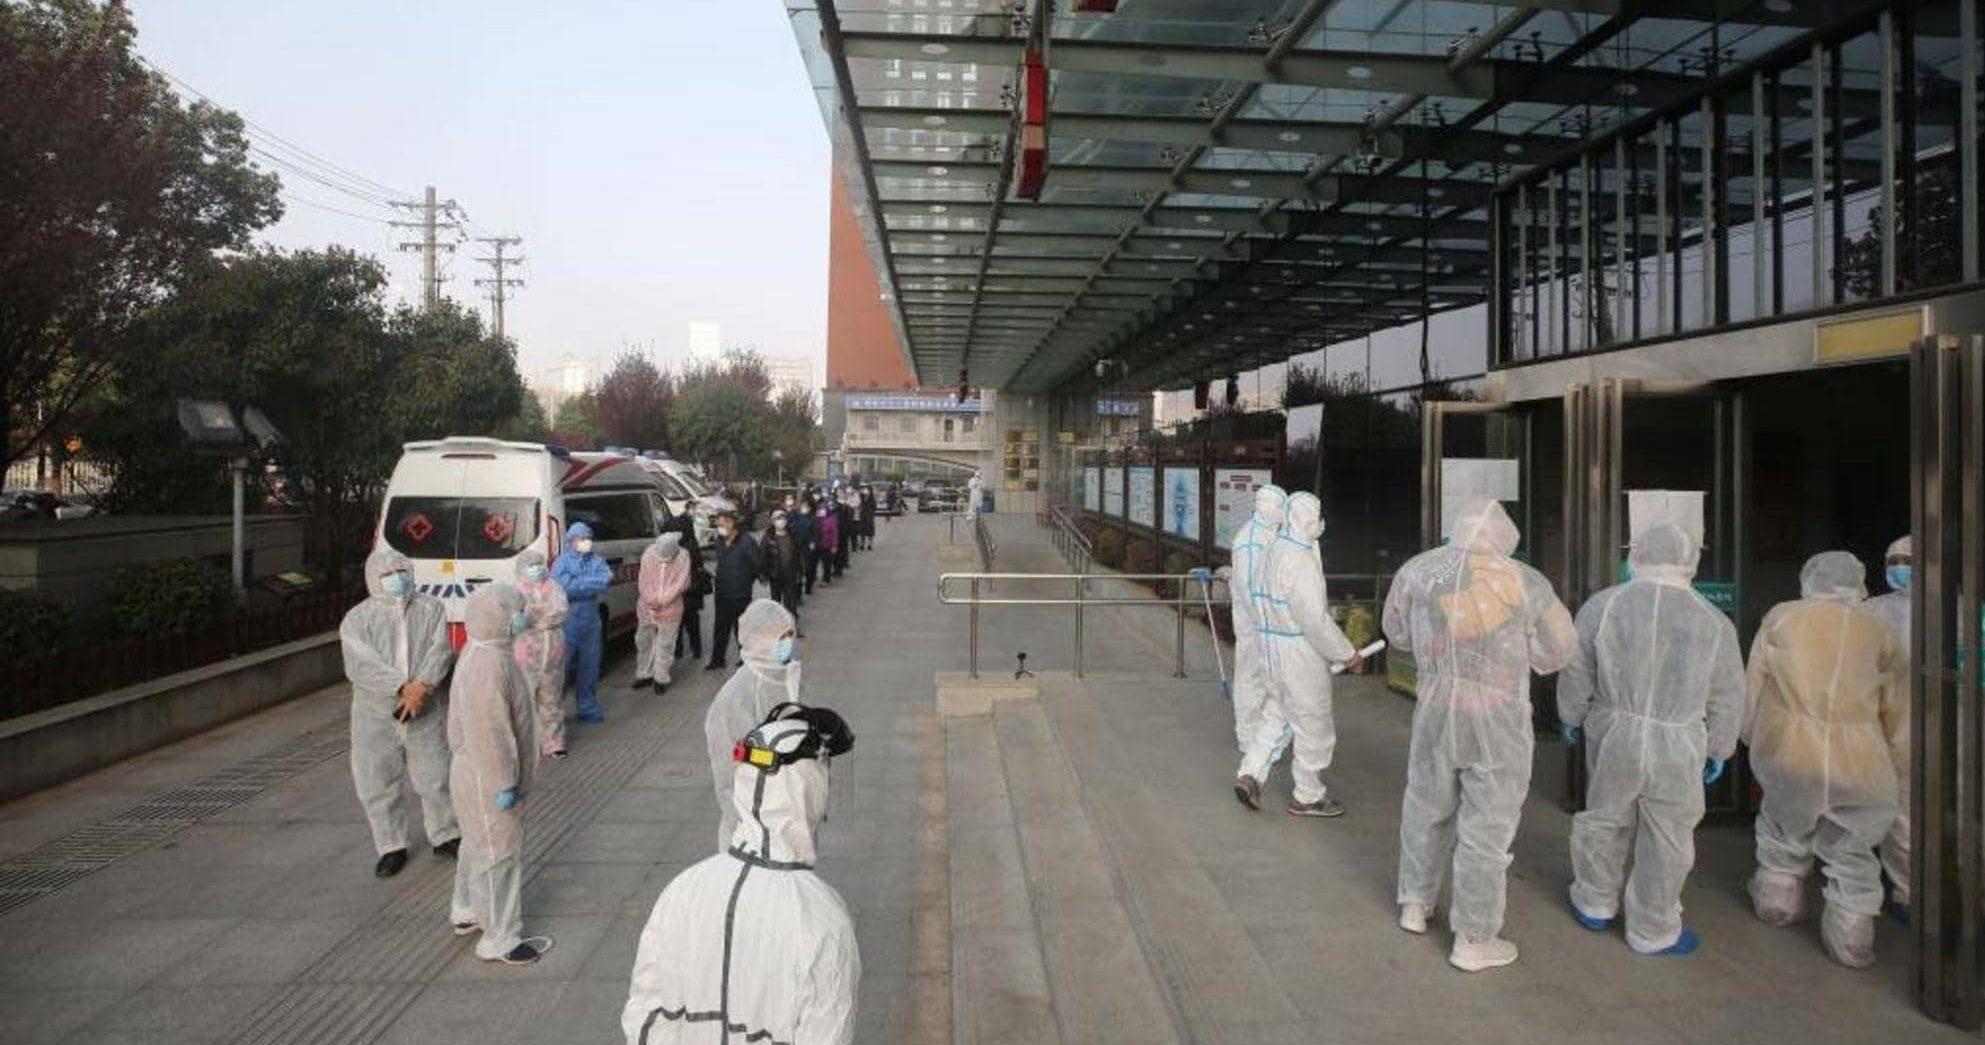 التشيك تسجل ثانى أعلى إصابات ووفيات إثر فيروس كورونا بالاتحاد الأوروبى